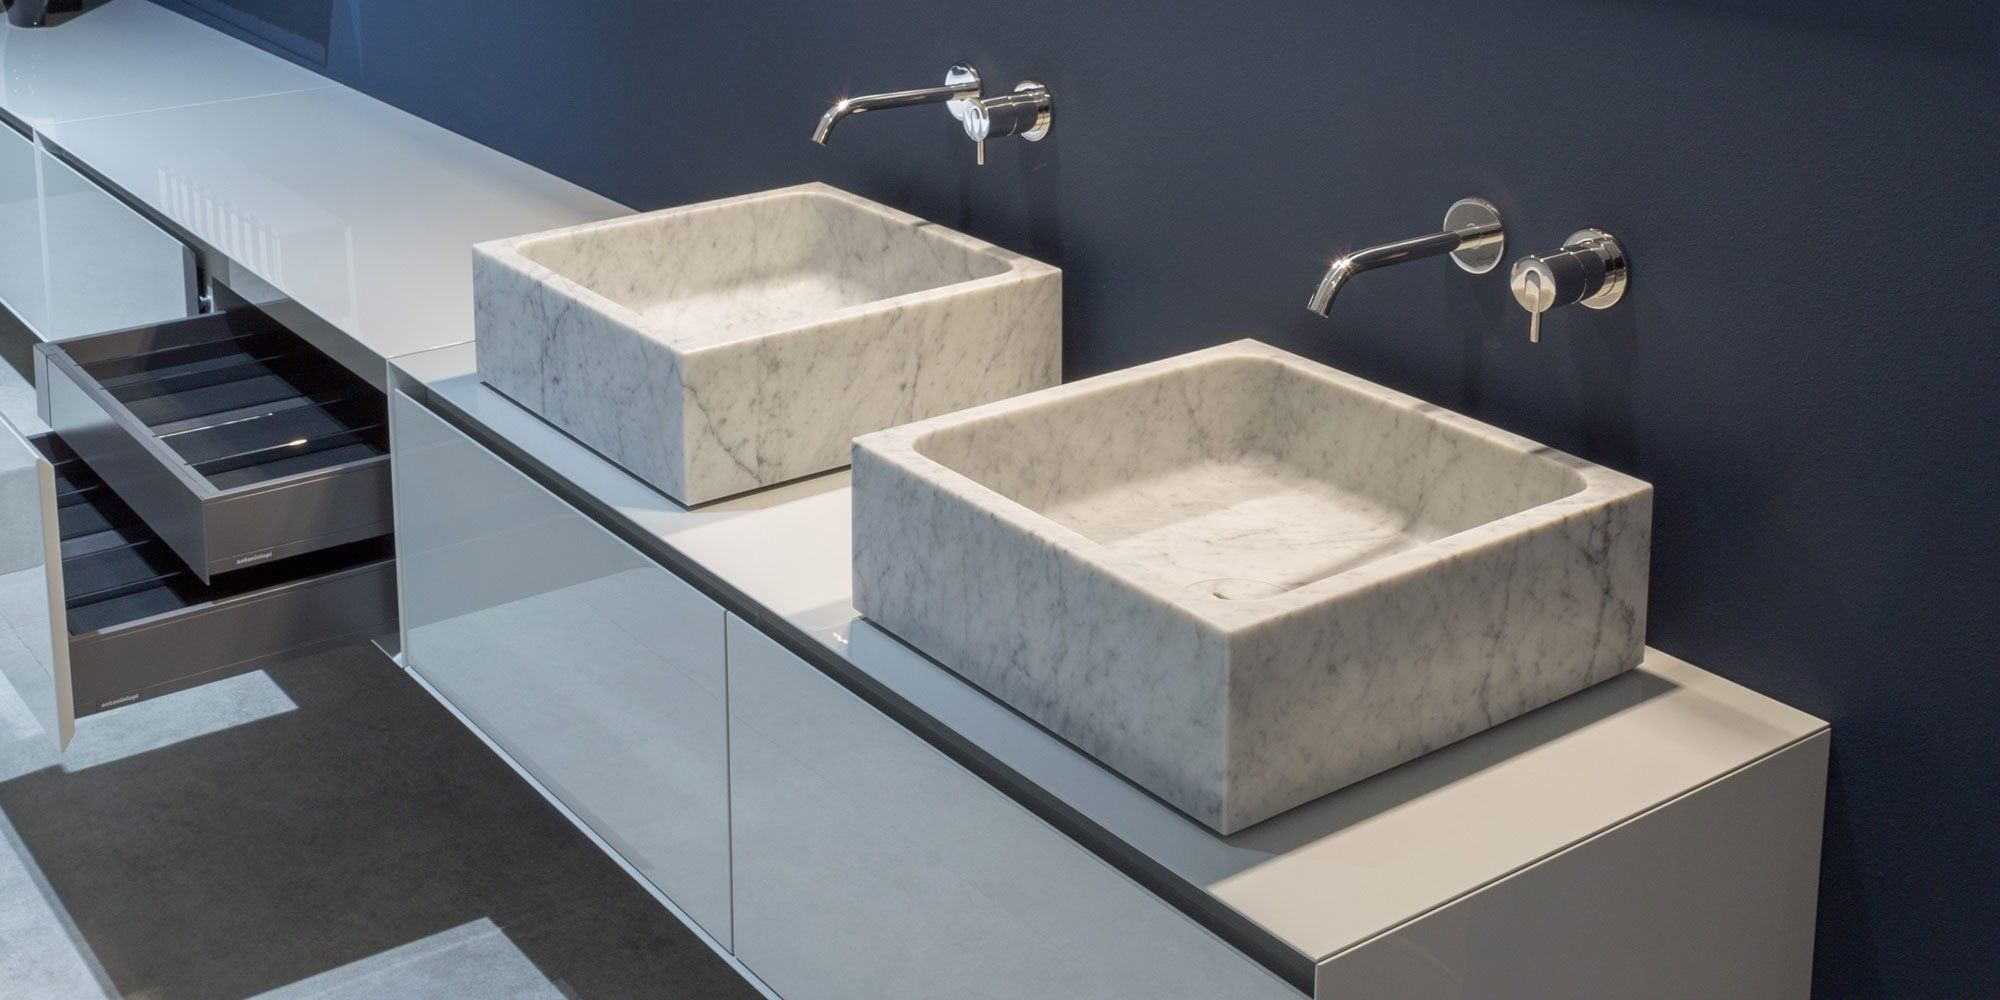 antonio lupi waschbecken waschtisch blokko designbest. Black Bedroom Furniture Sets. Home Design Ideas